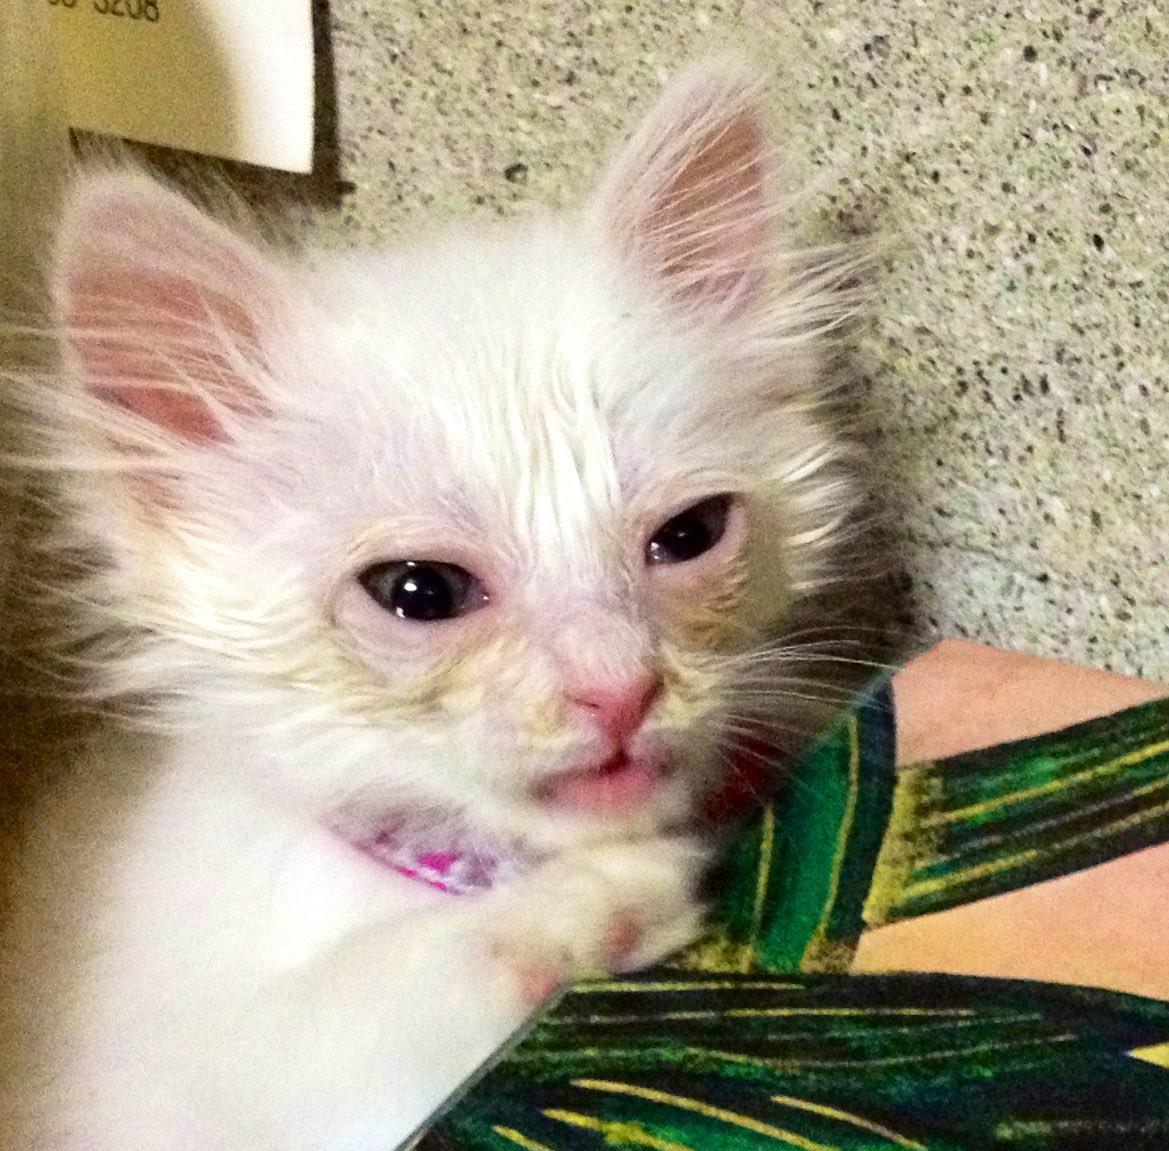 ①ネム♀ 7歳8カ月衰弱してカラスに狙われている所を父が保護、母は「捨ててこい」の一点張りでしたが私と父で説得しました。子猫の頃は写真撮影をためらうほどボロボロでしたが、立派なモフ毛クイーンへと変貌を遂げました。私の猫下僕人生の師。